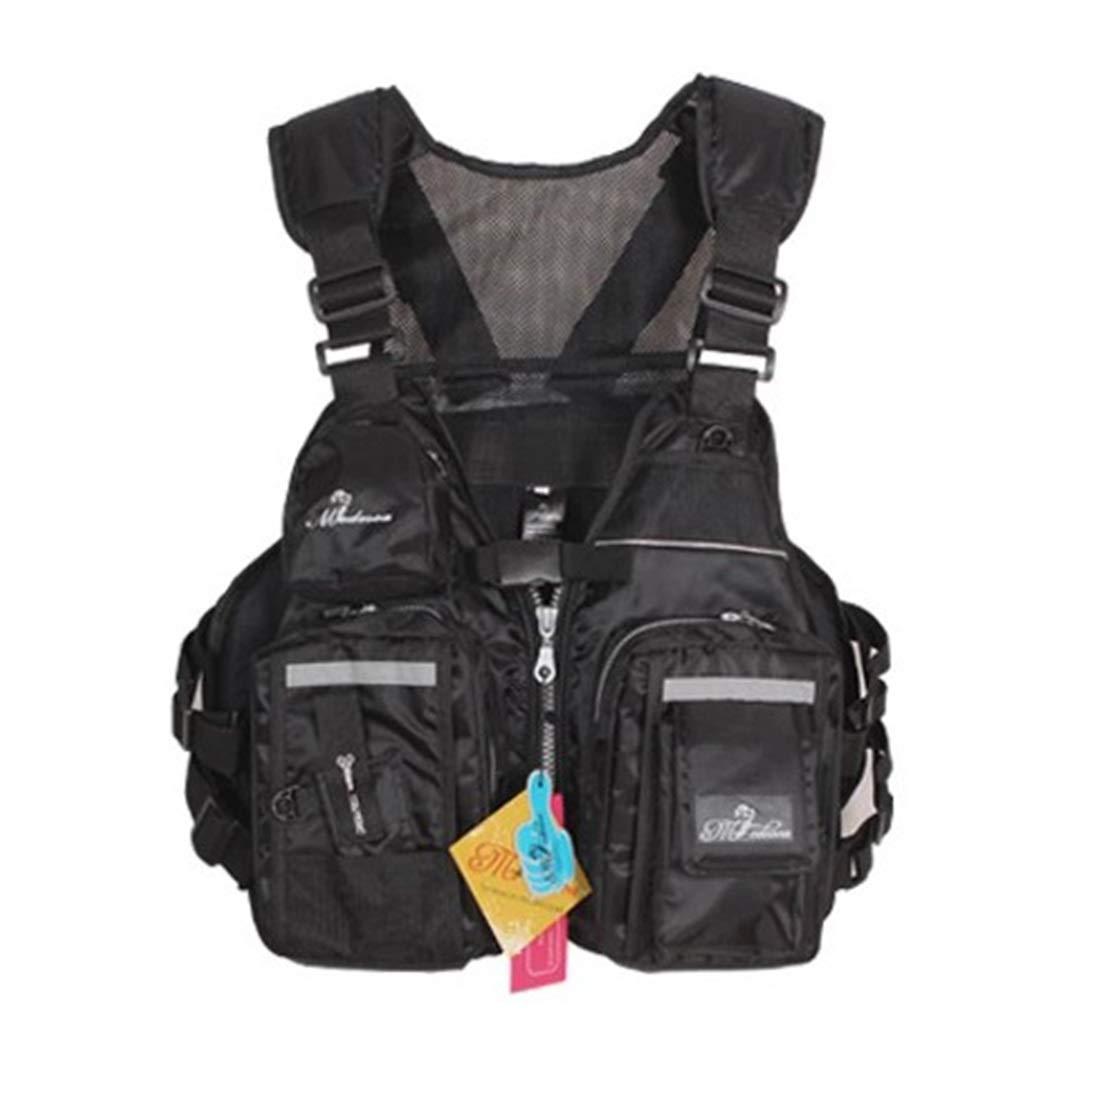 UICICI Fliegenfischer Weste Jacke atmungsaktiv Polyester Mesh Design Angeln Weste für Reisende Sport Wandern